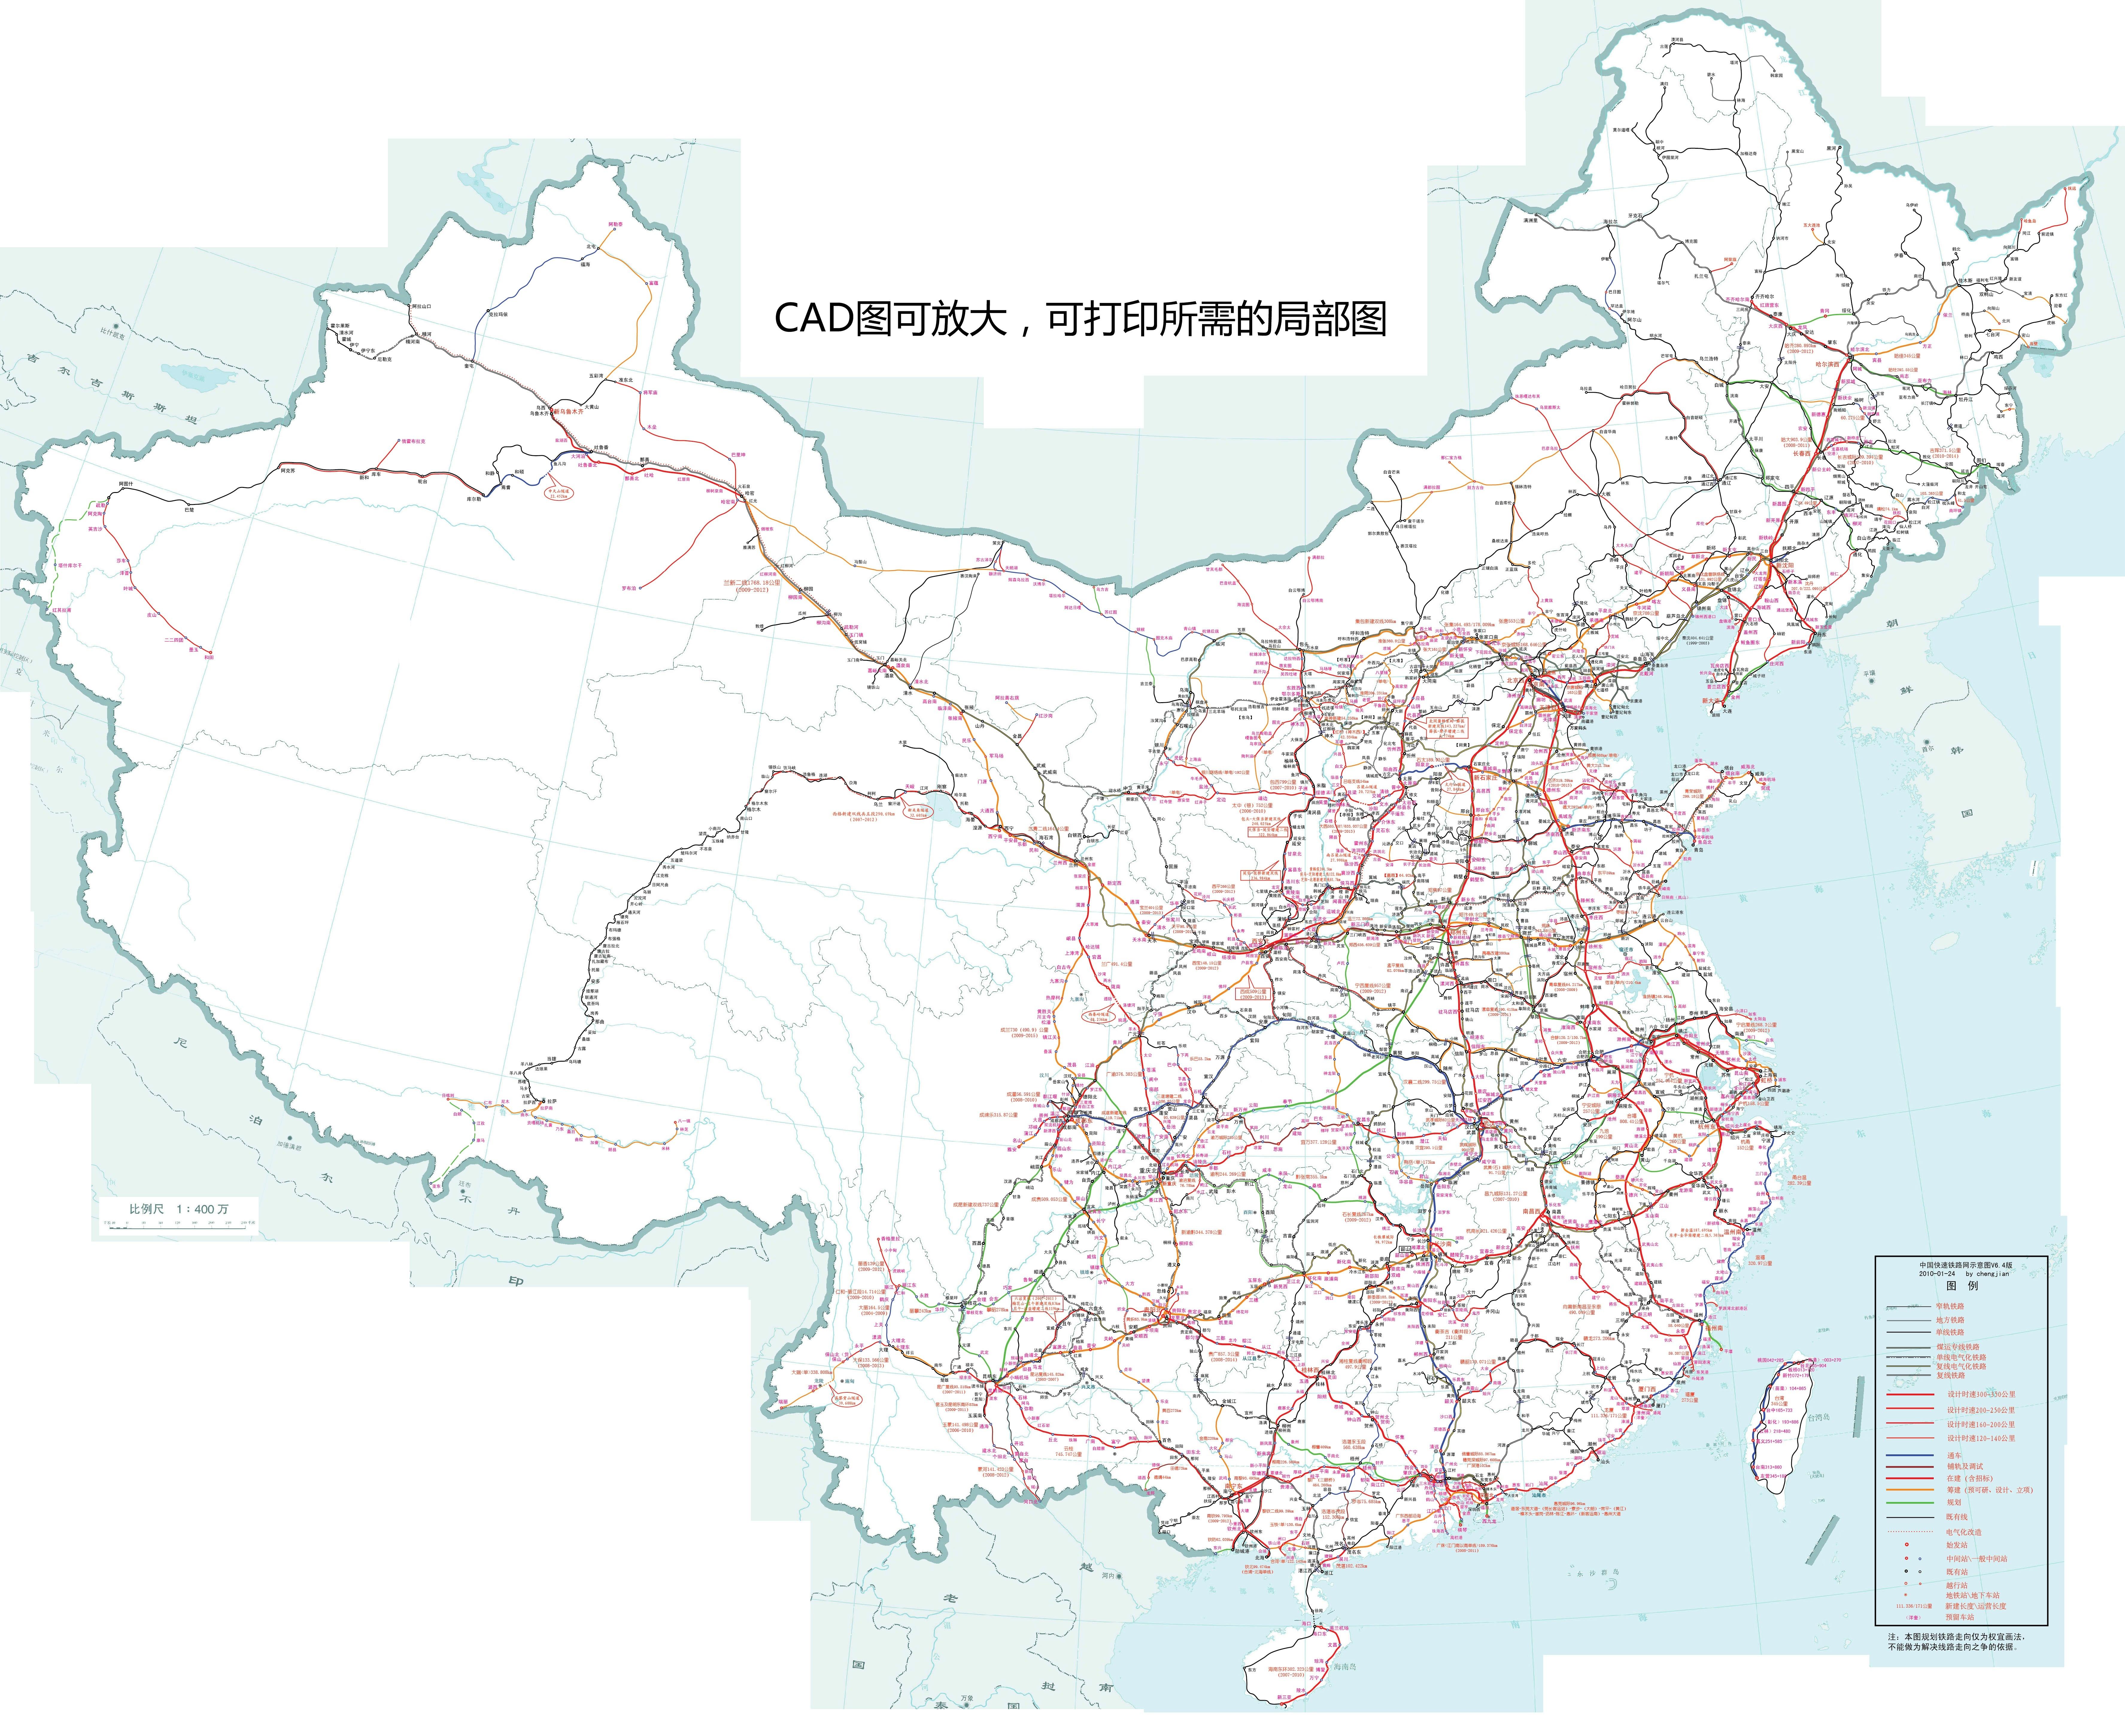 江西省铁路规划调整_江西省高铁线路图-最新江西铁路规划图-江西未来5年铁路规划图 ...